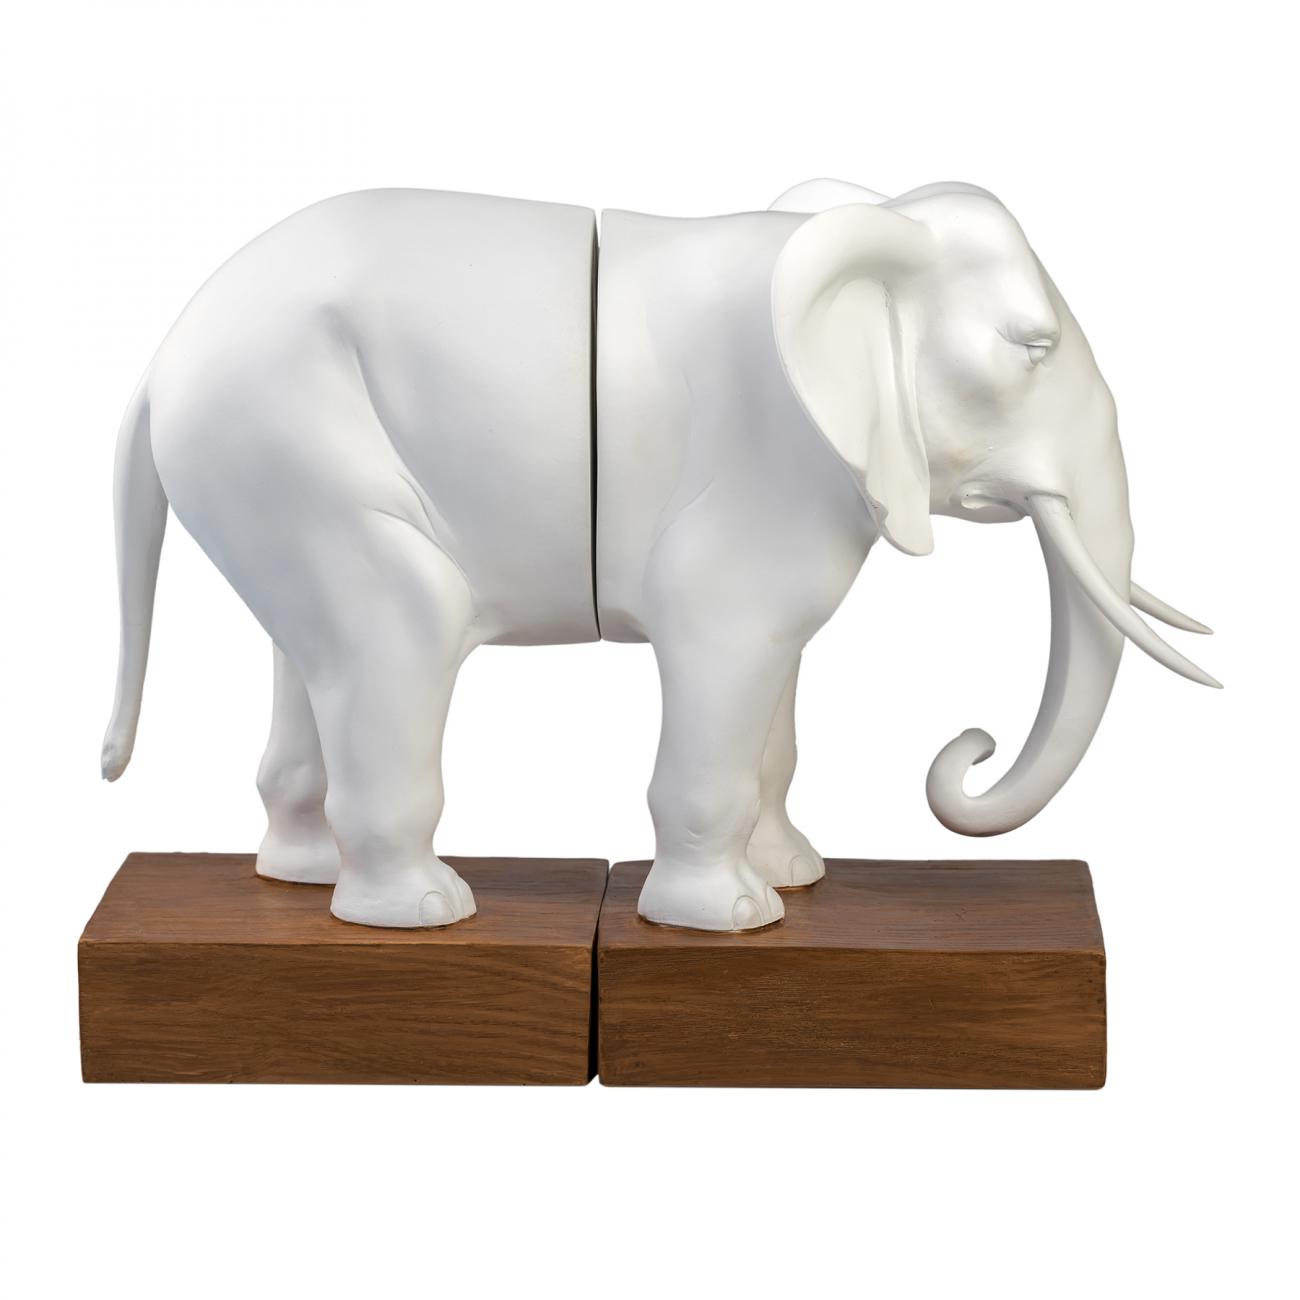 Купить Набор держателей для книг Слон в интернет магазине дизайнерской мебели и аксессуаров для дома и дачи